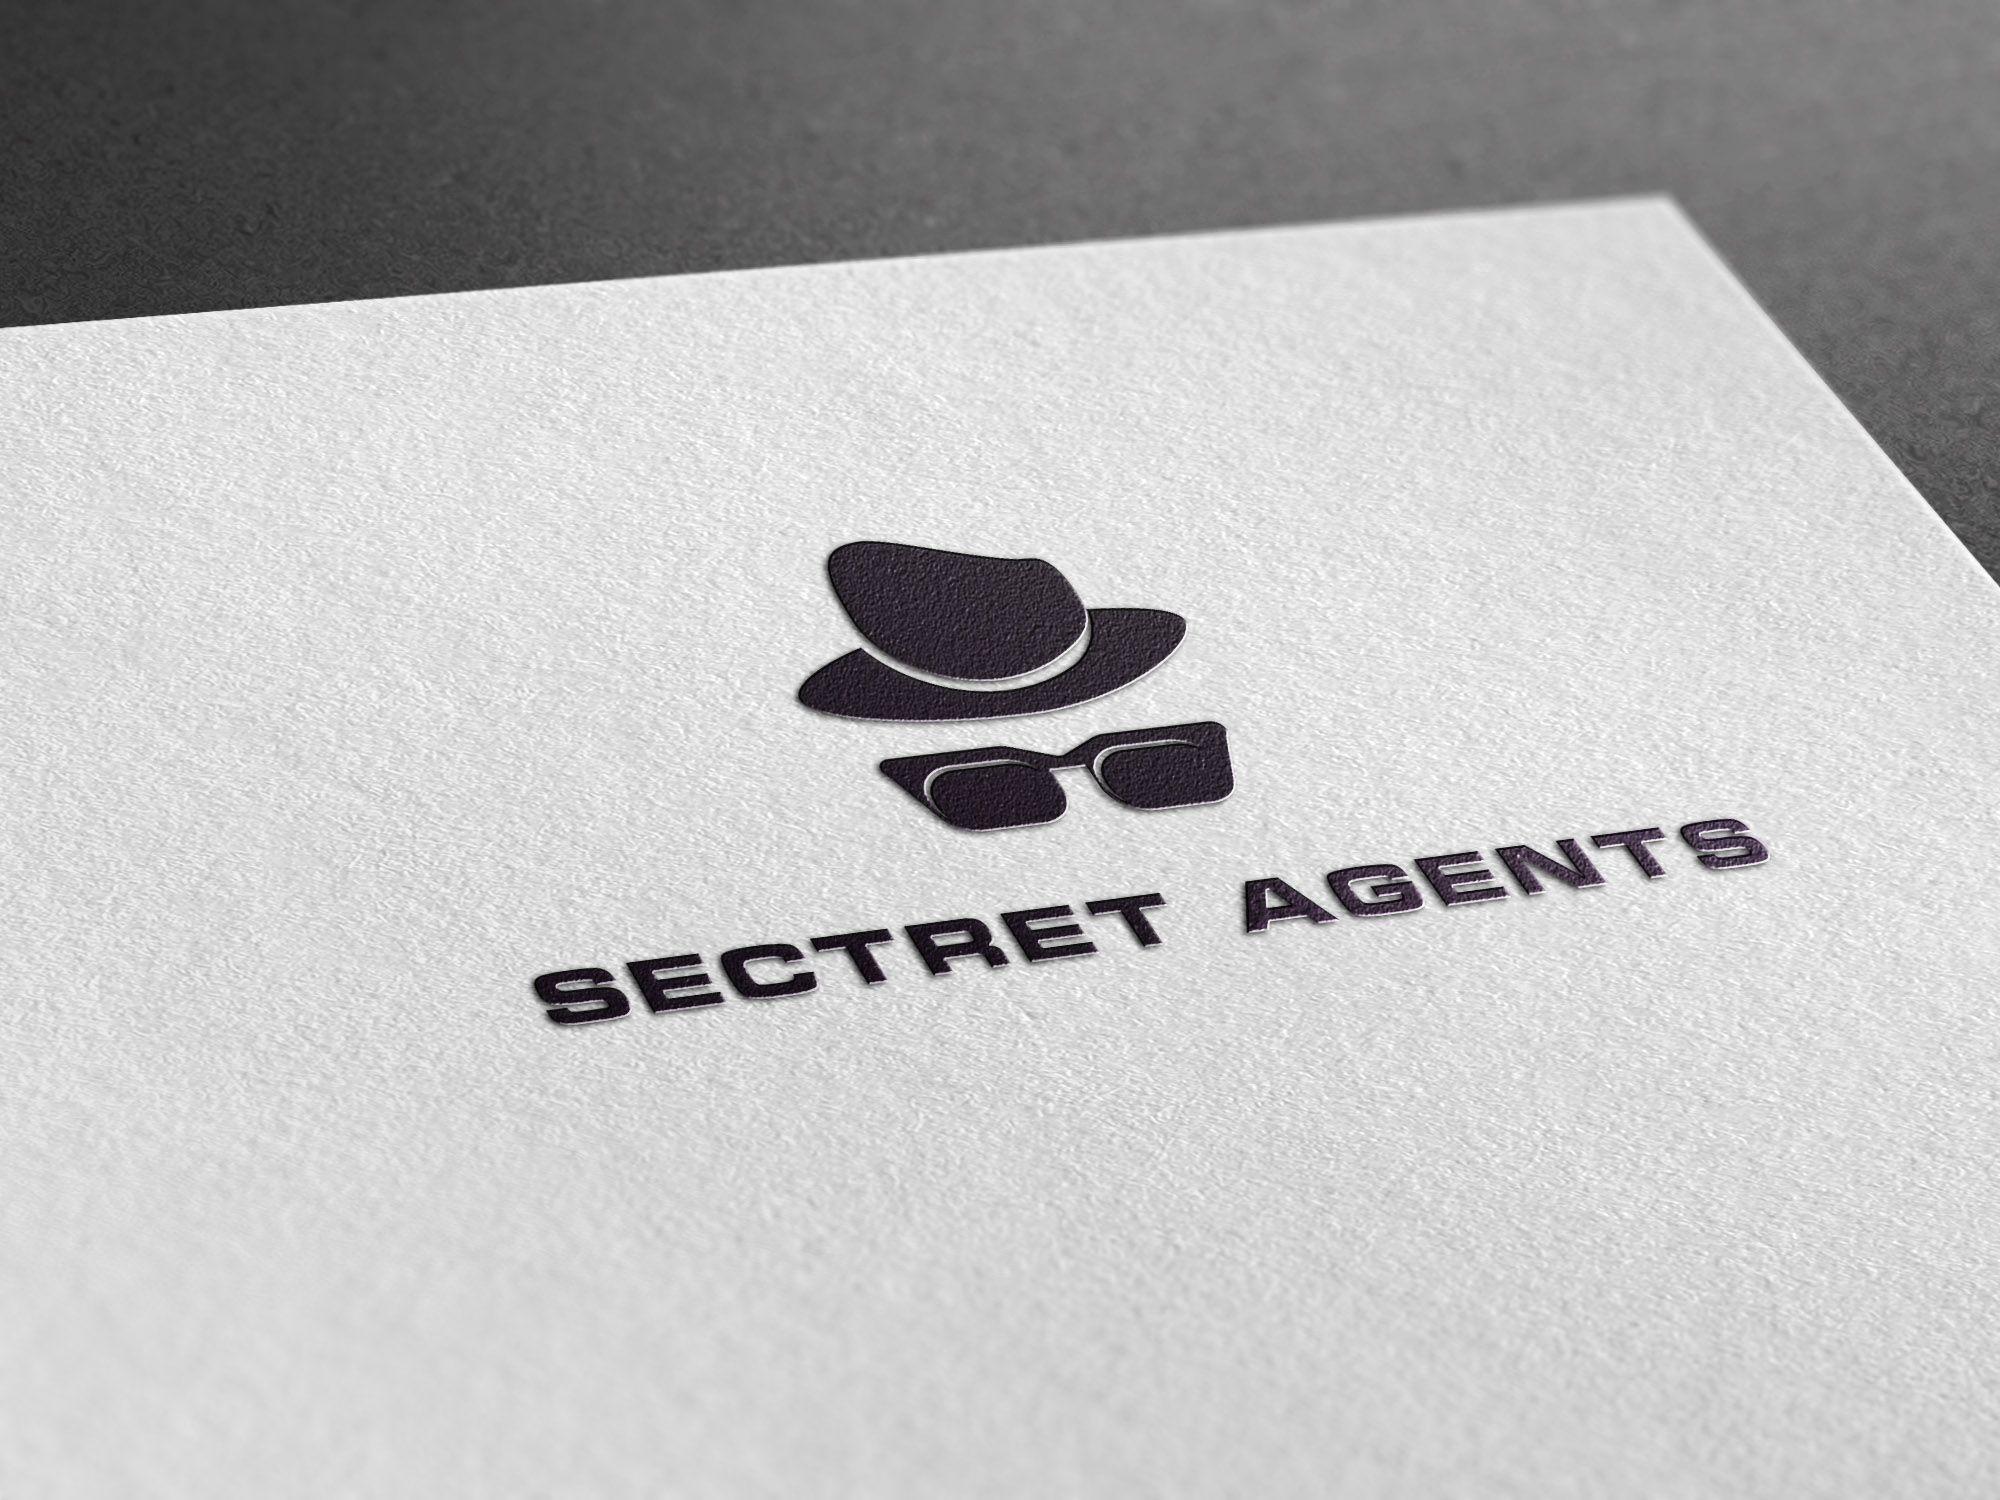 Логотип для веб-разработчика Secret Agents - дизайнер mischa3